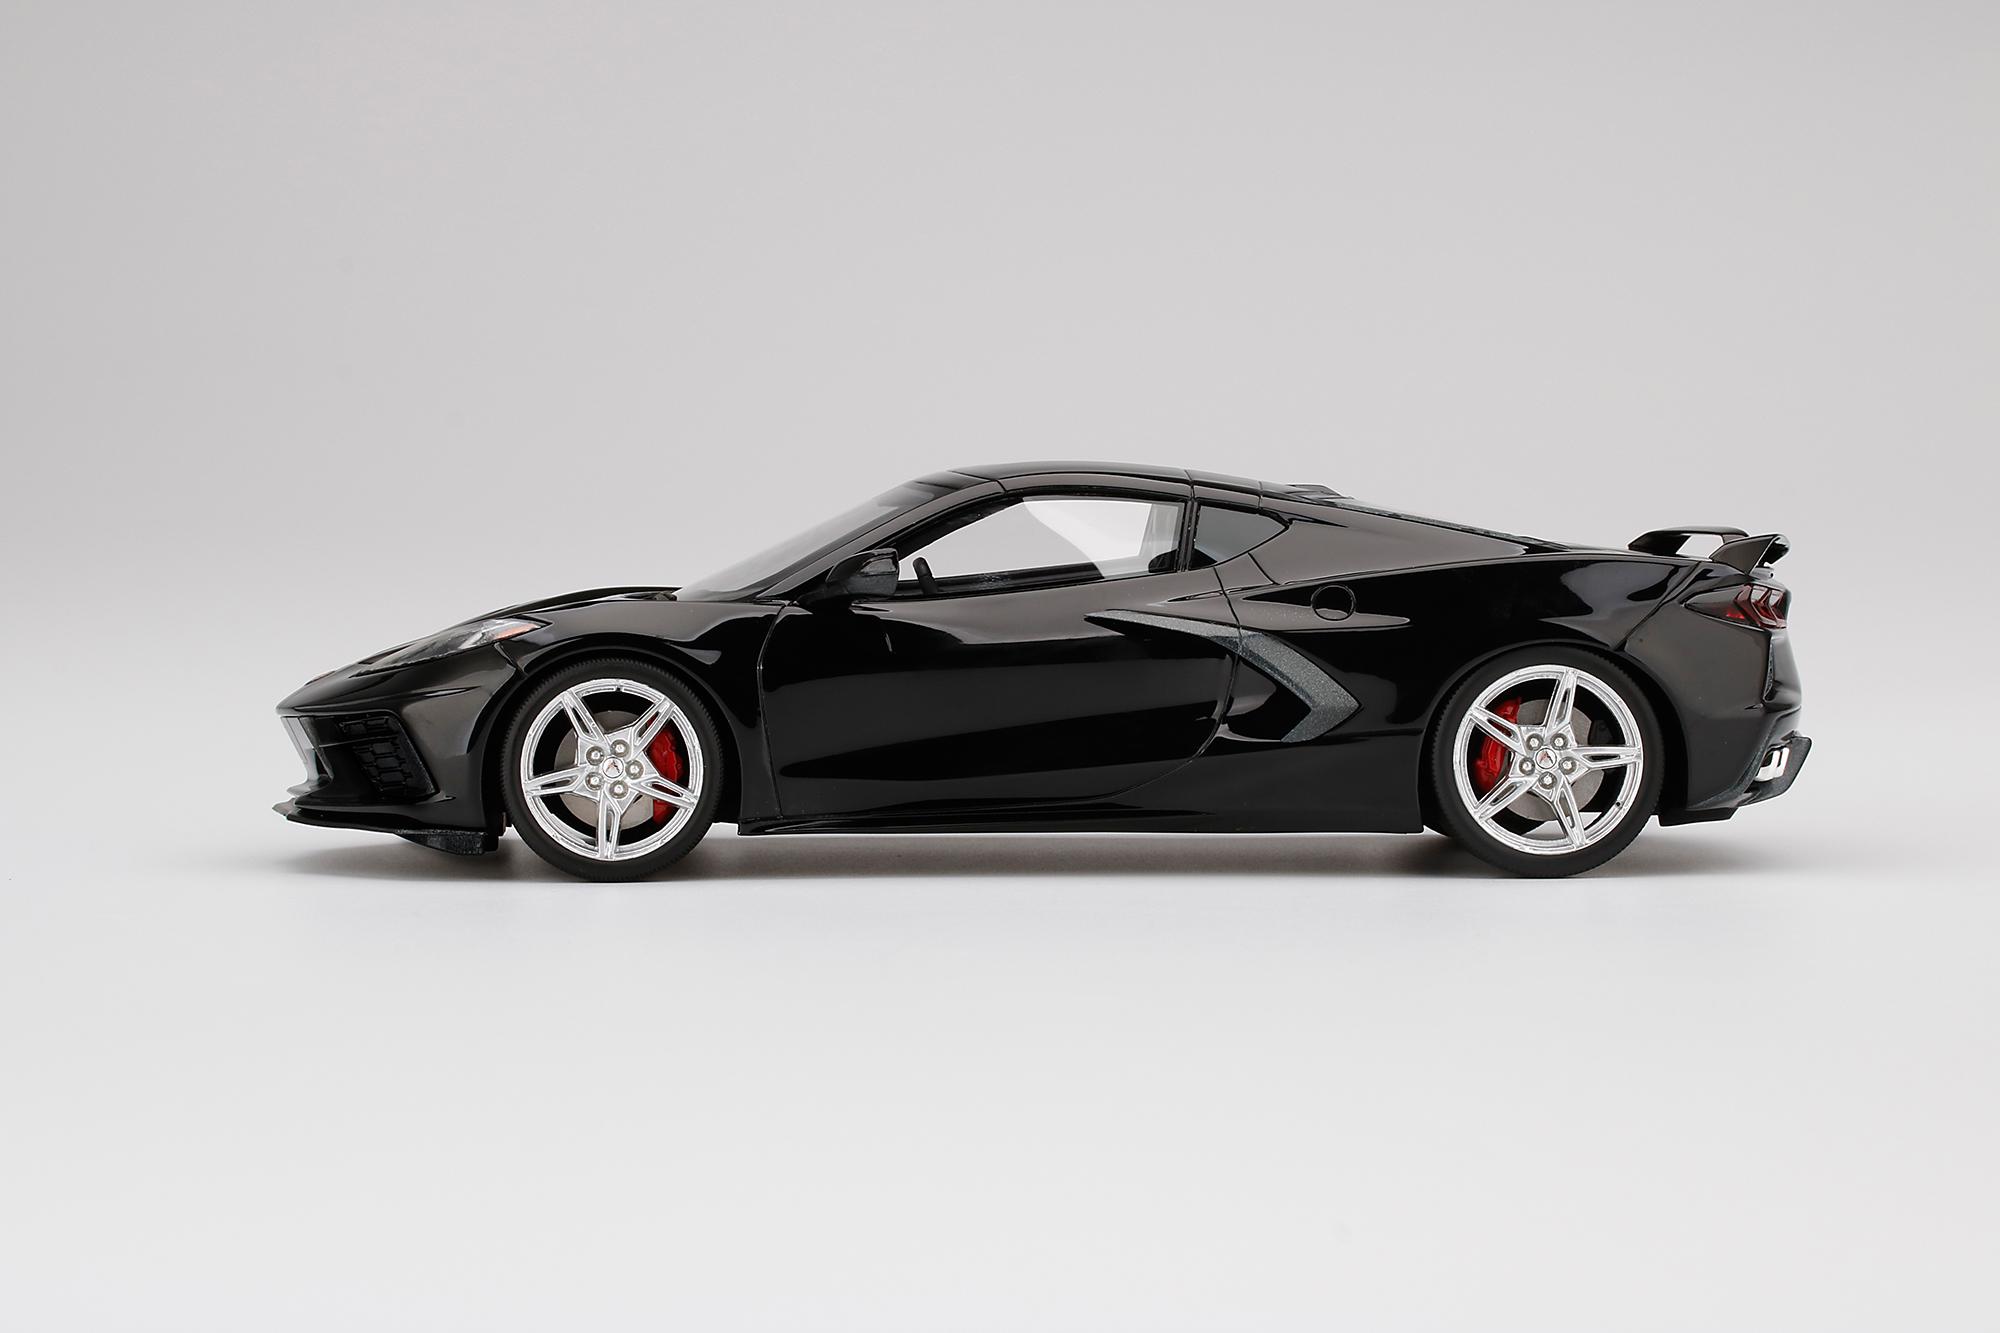 chevrolet-corvette-c8-stingray-topspeed-models